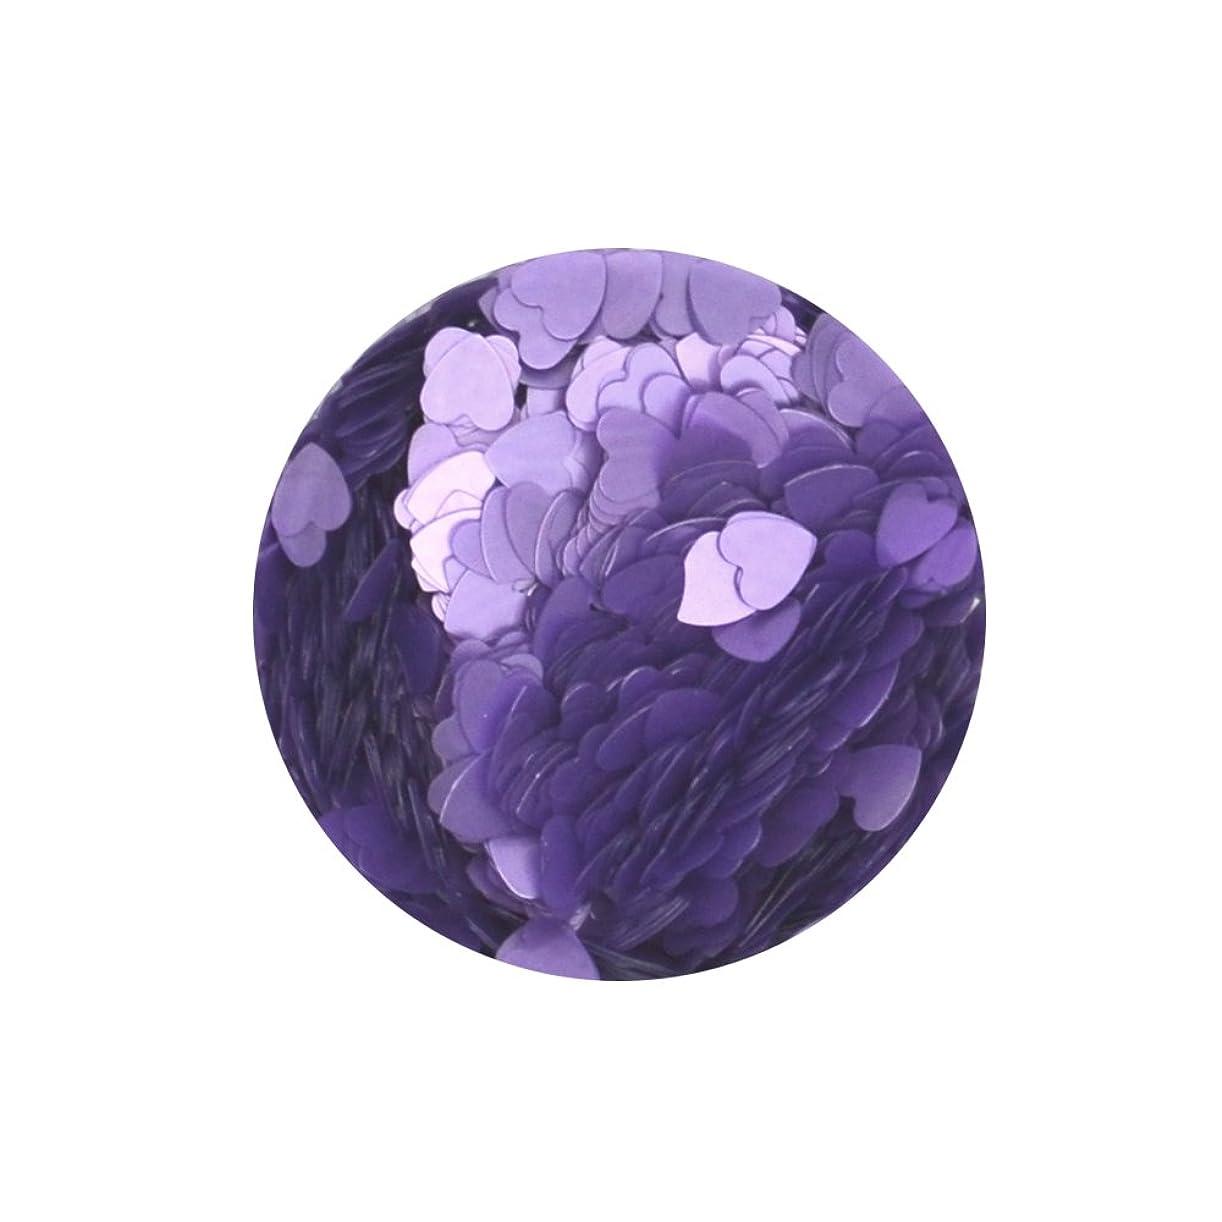 垂直ムスタチオグラフ高品質ホログラム ハート形 パステルカラー【パープル】